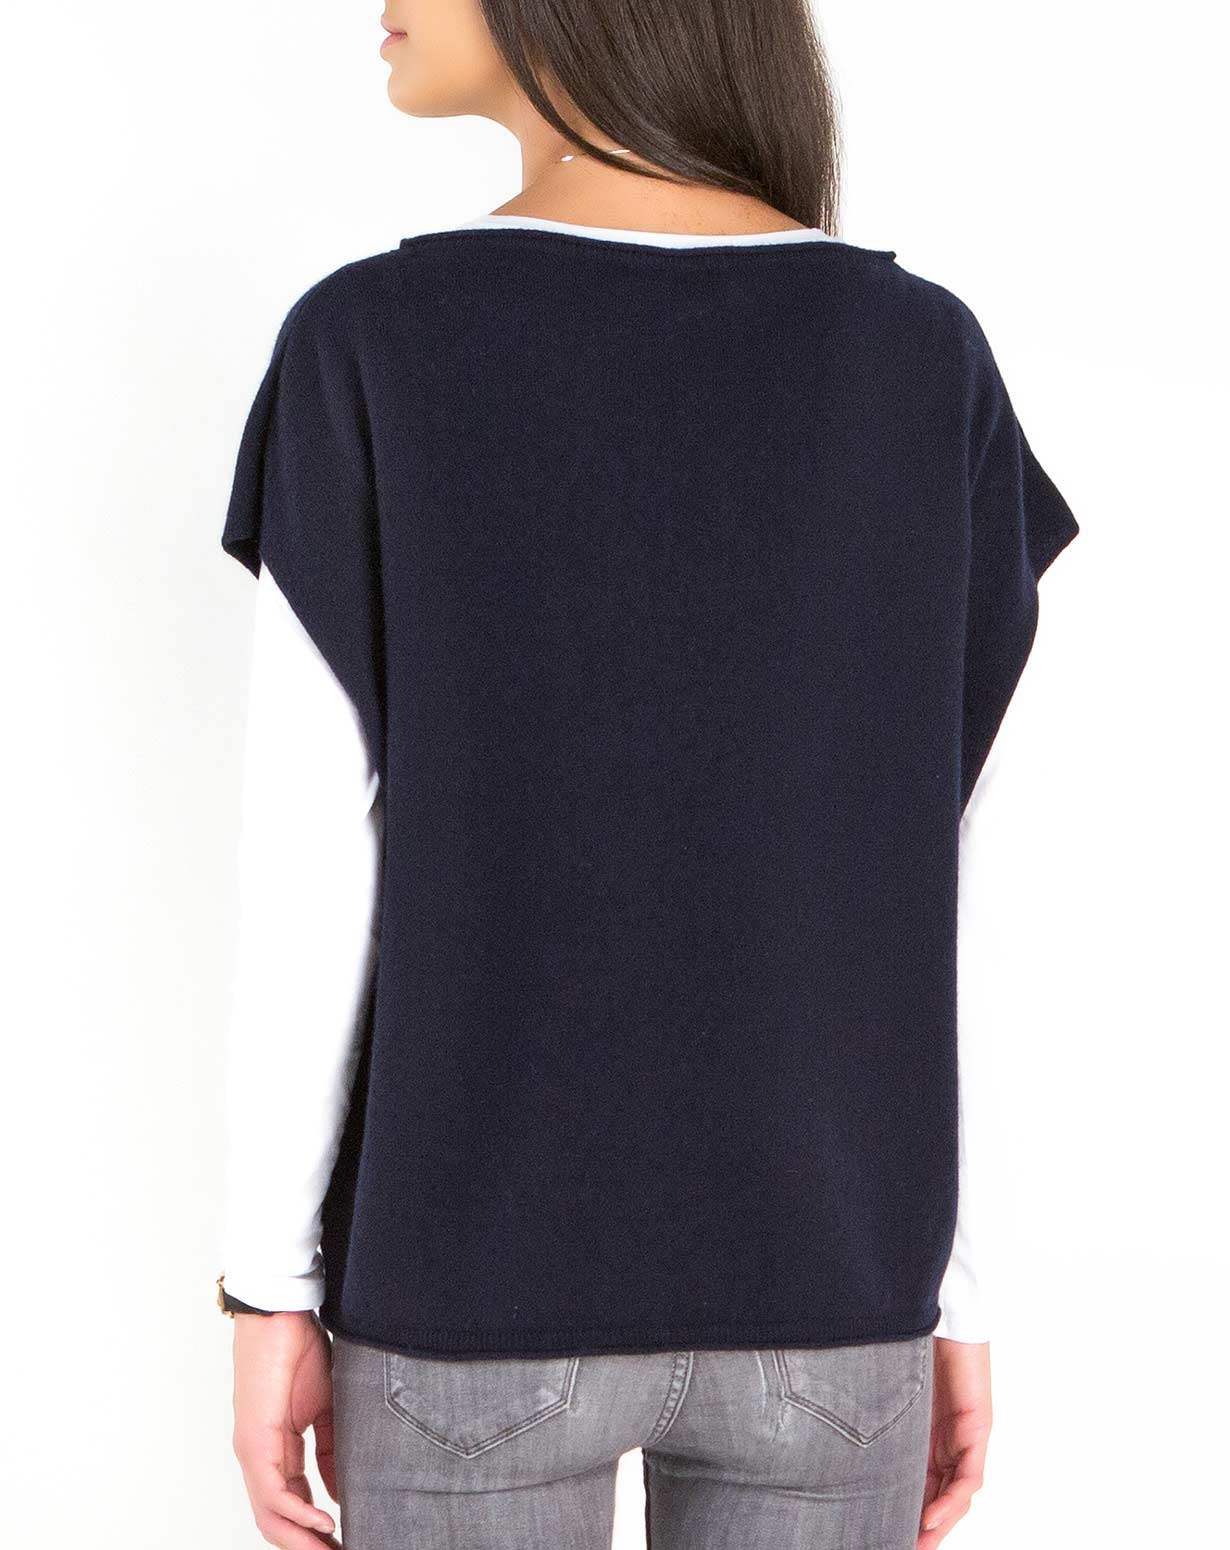 Women's Oversized Short Sleeve Sweater | MaisonCashmere